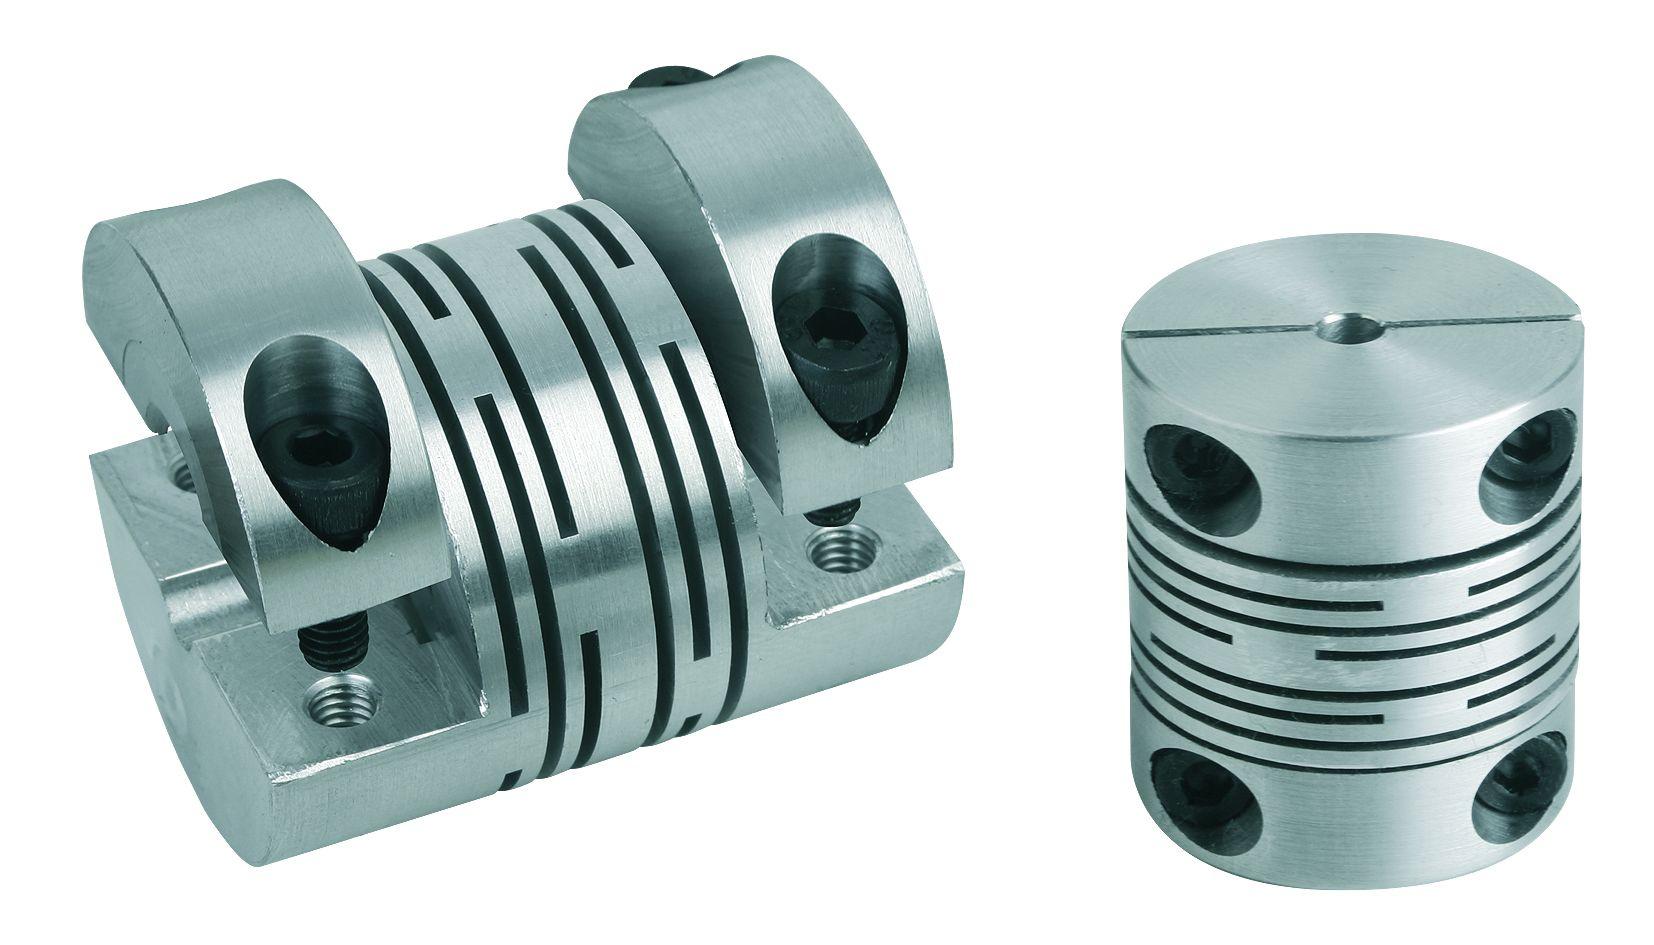 Werkstoff: Aluminium oder Edelstahl 1.4305. Ausführung: blank. Hinweis: Spielfreie, drehsteife, biegeelastische und wart